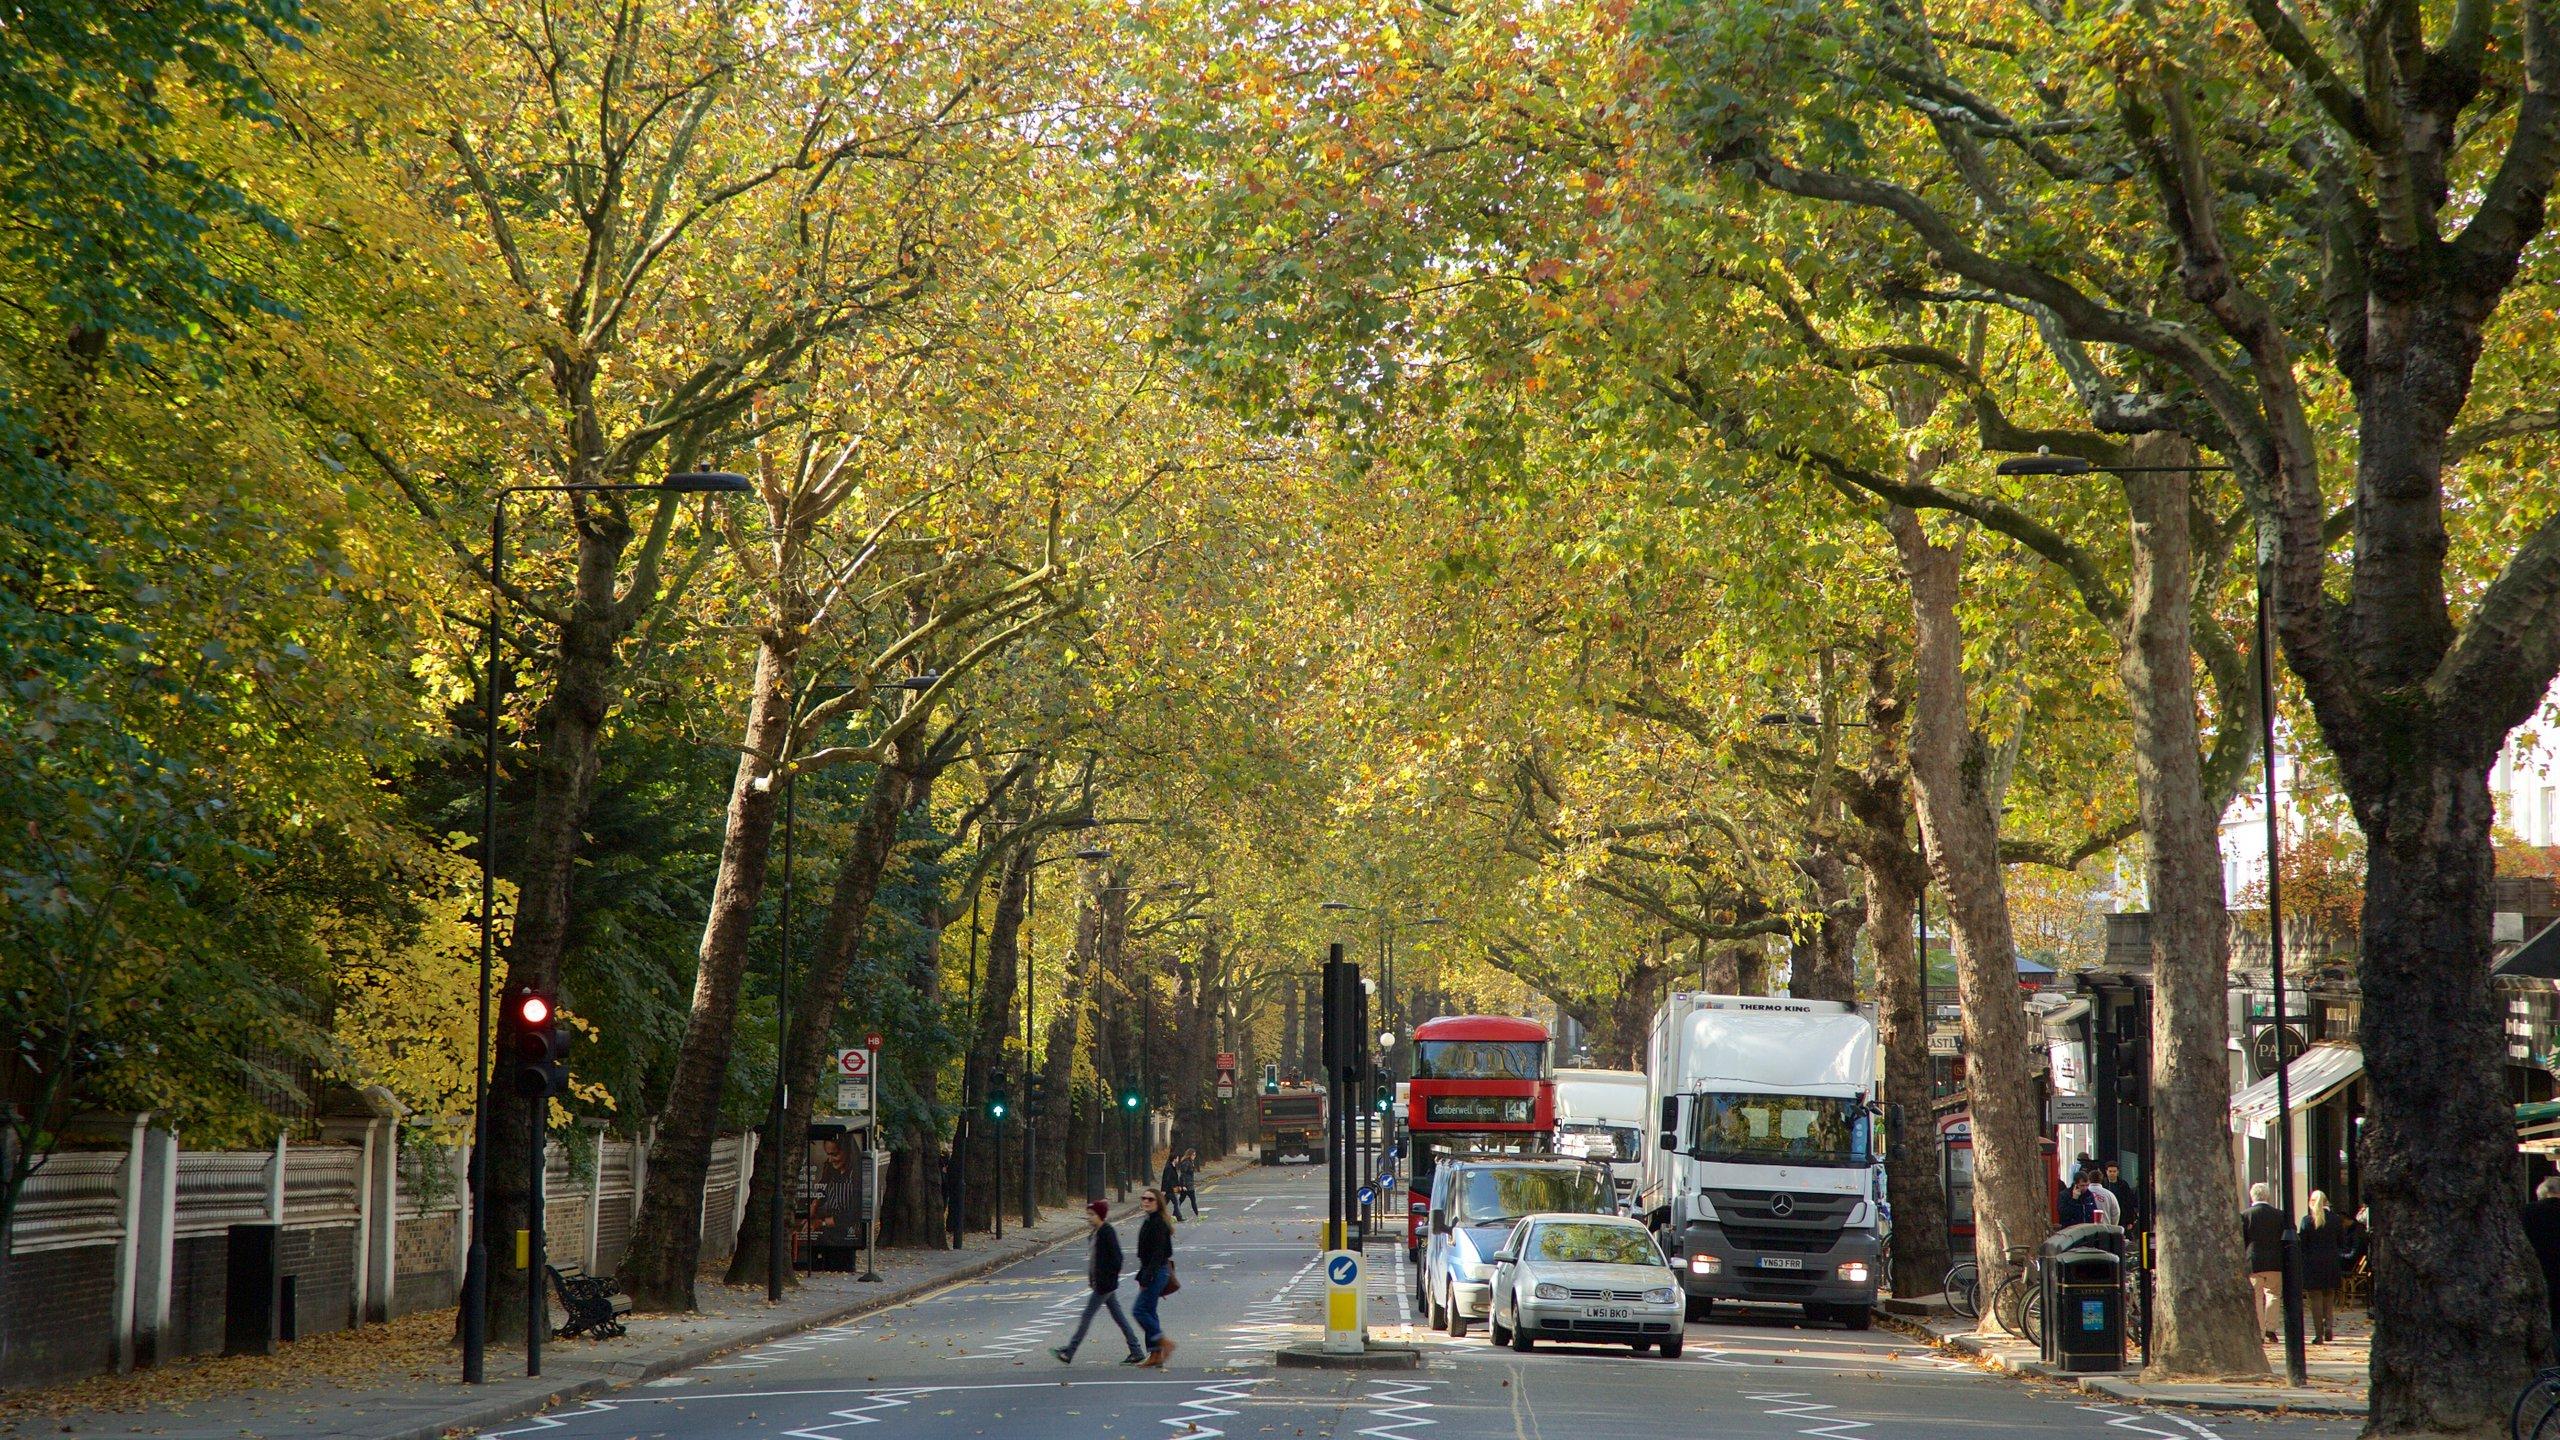 Norland, London, England, United Kingdom